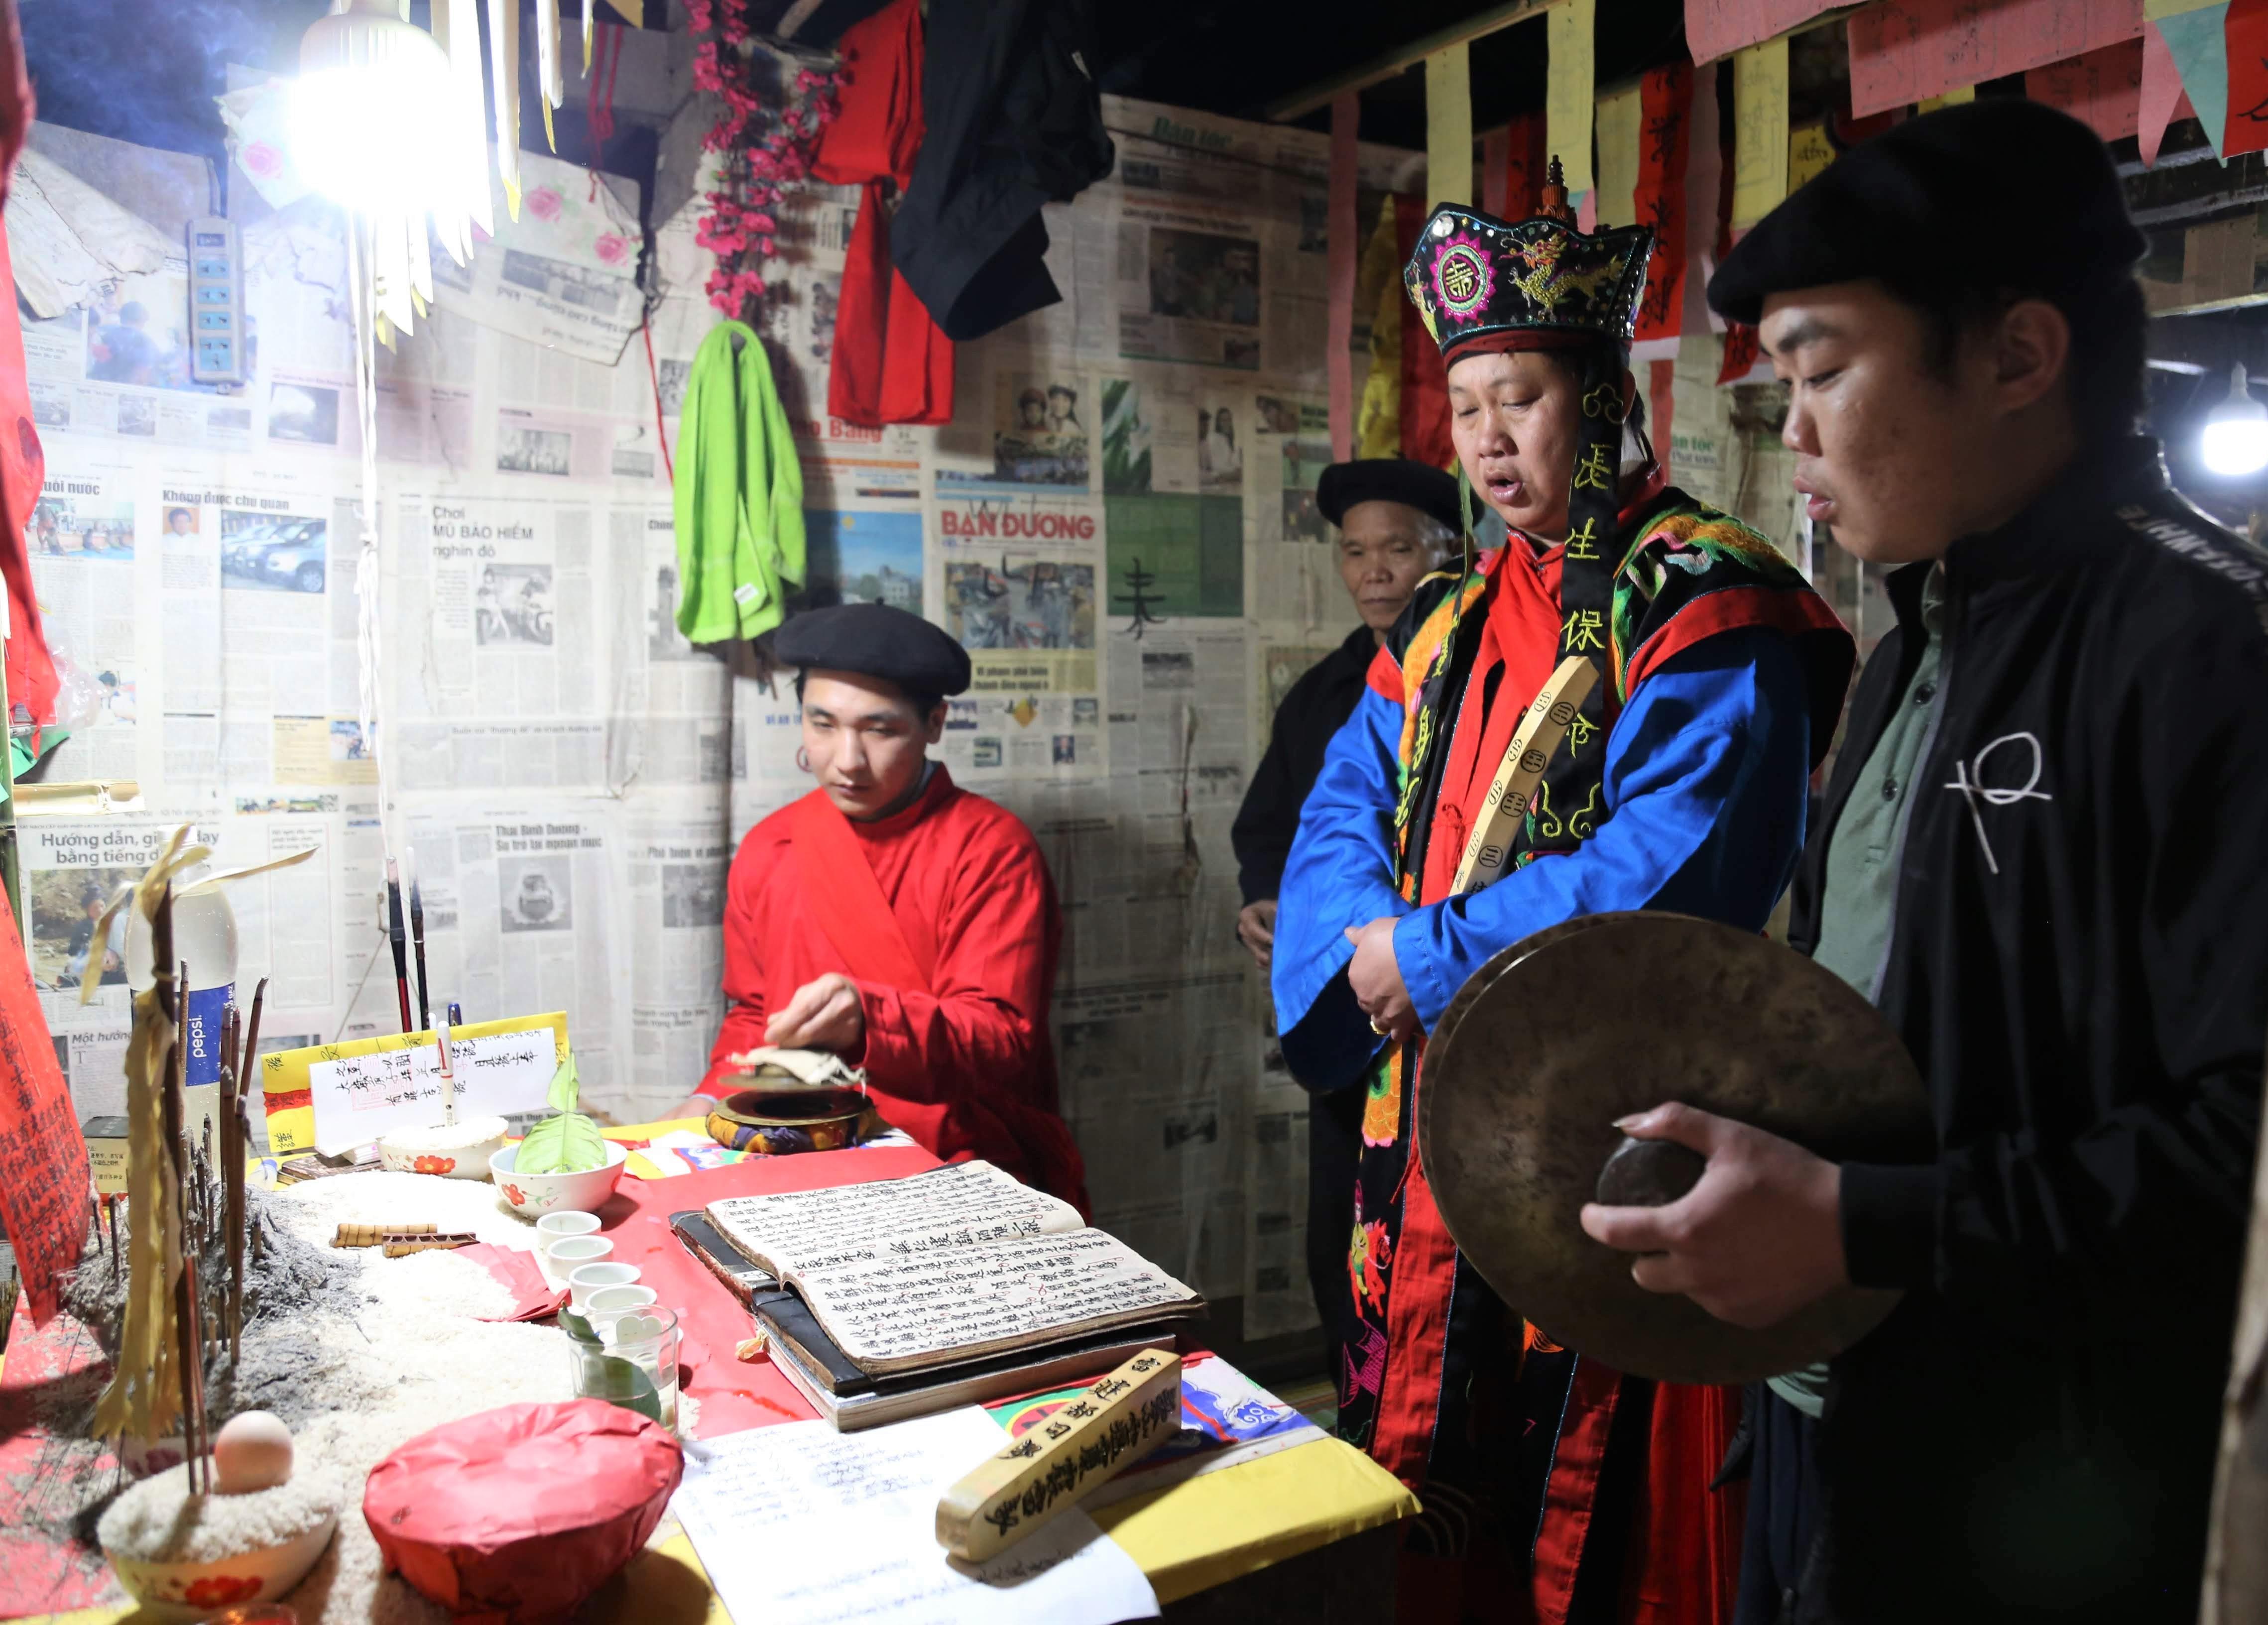 Thầy tào chính chủ trì buổi lễ và cũng là sư phụ của thầy tào trẻ Lãnh Sinh Trưởng.